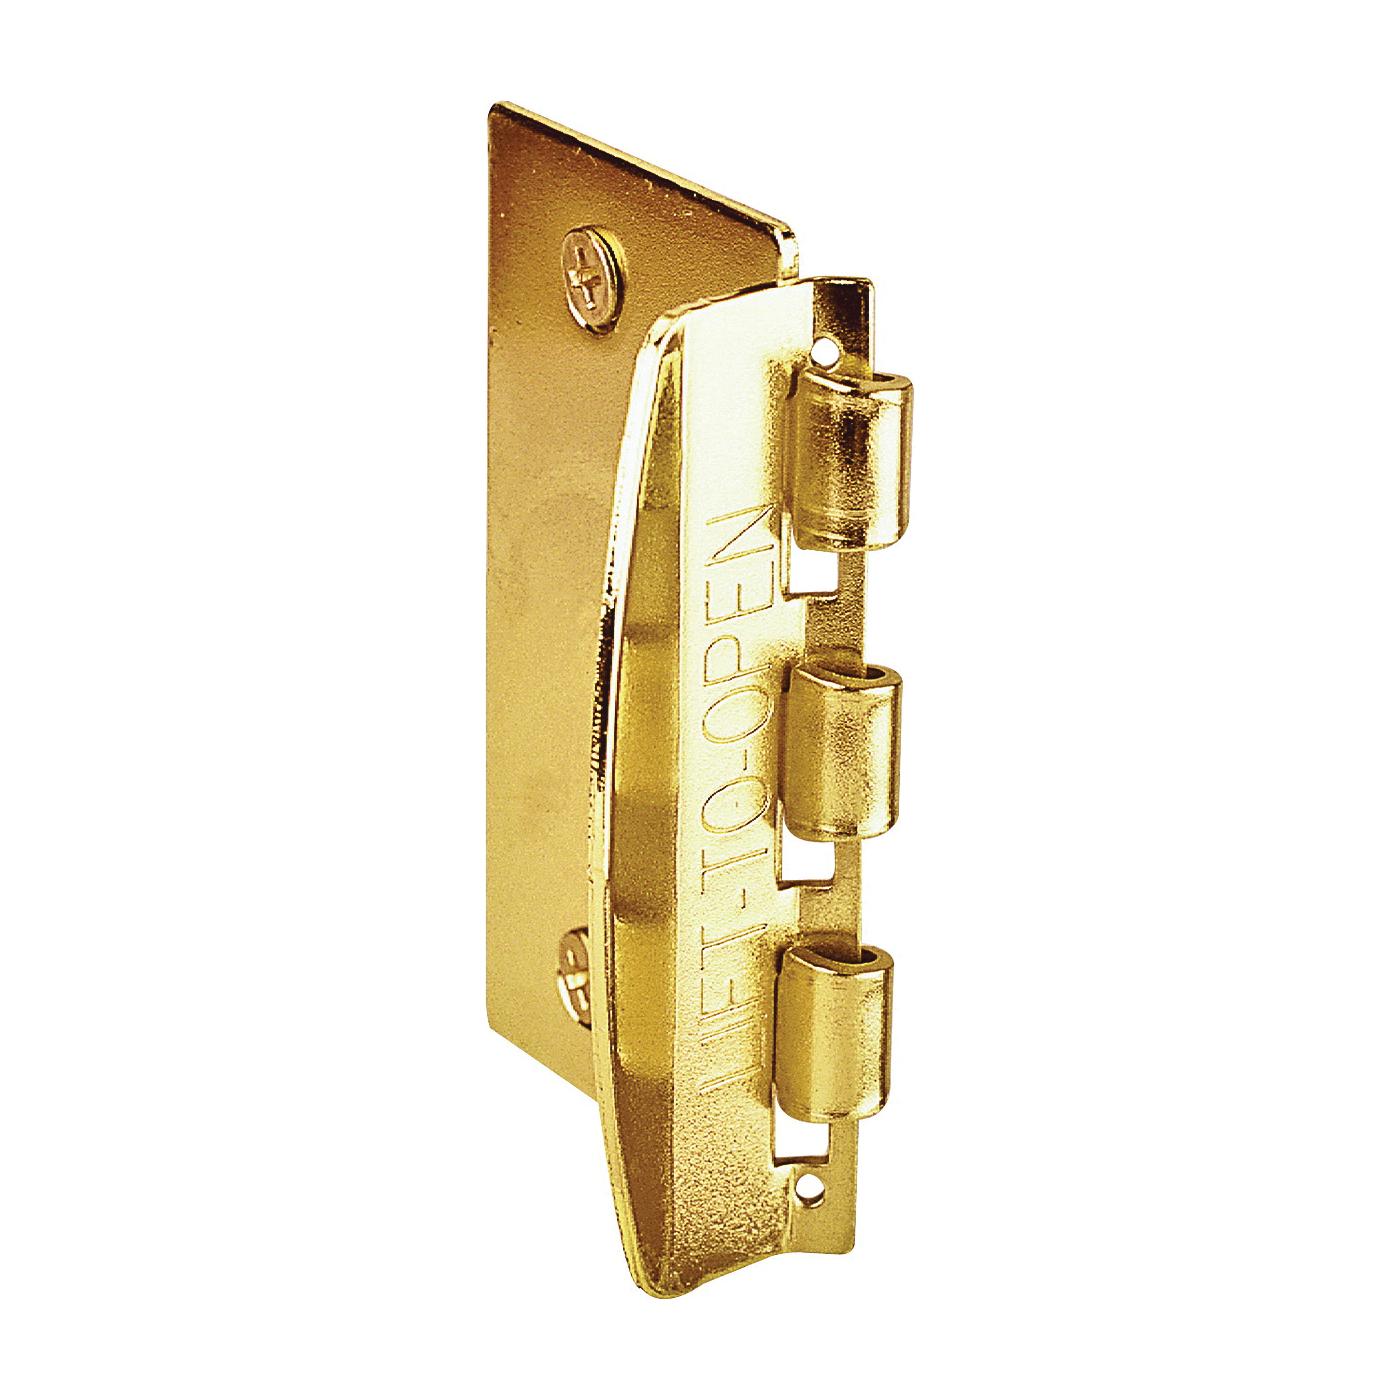 Picture of Defender Security U 9887 Door Lock, Steel, Brass